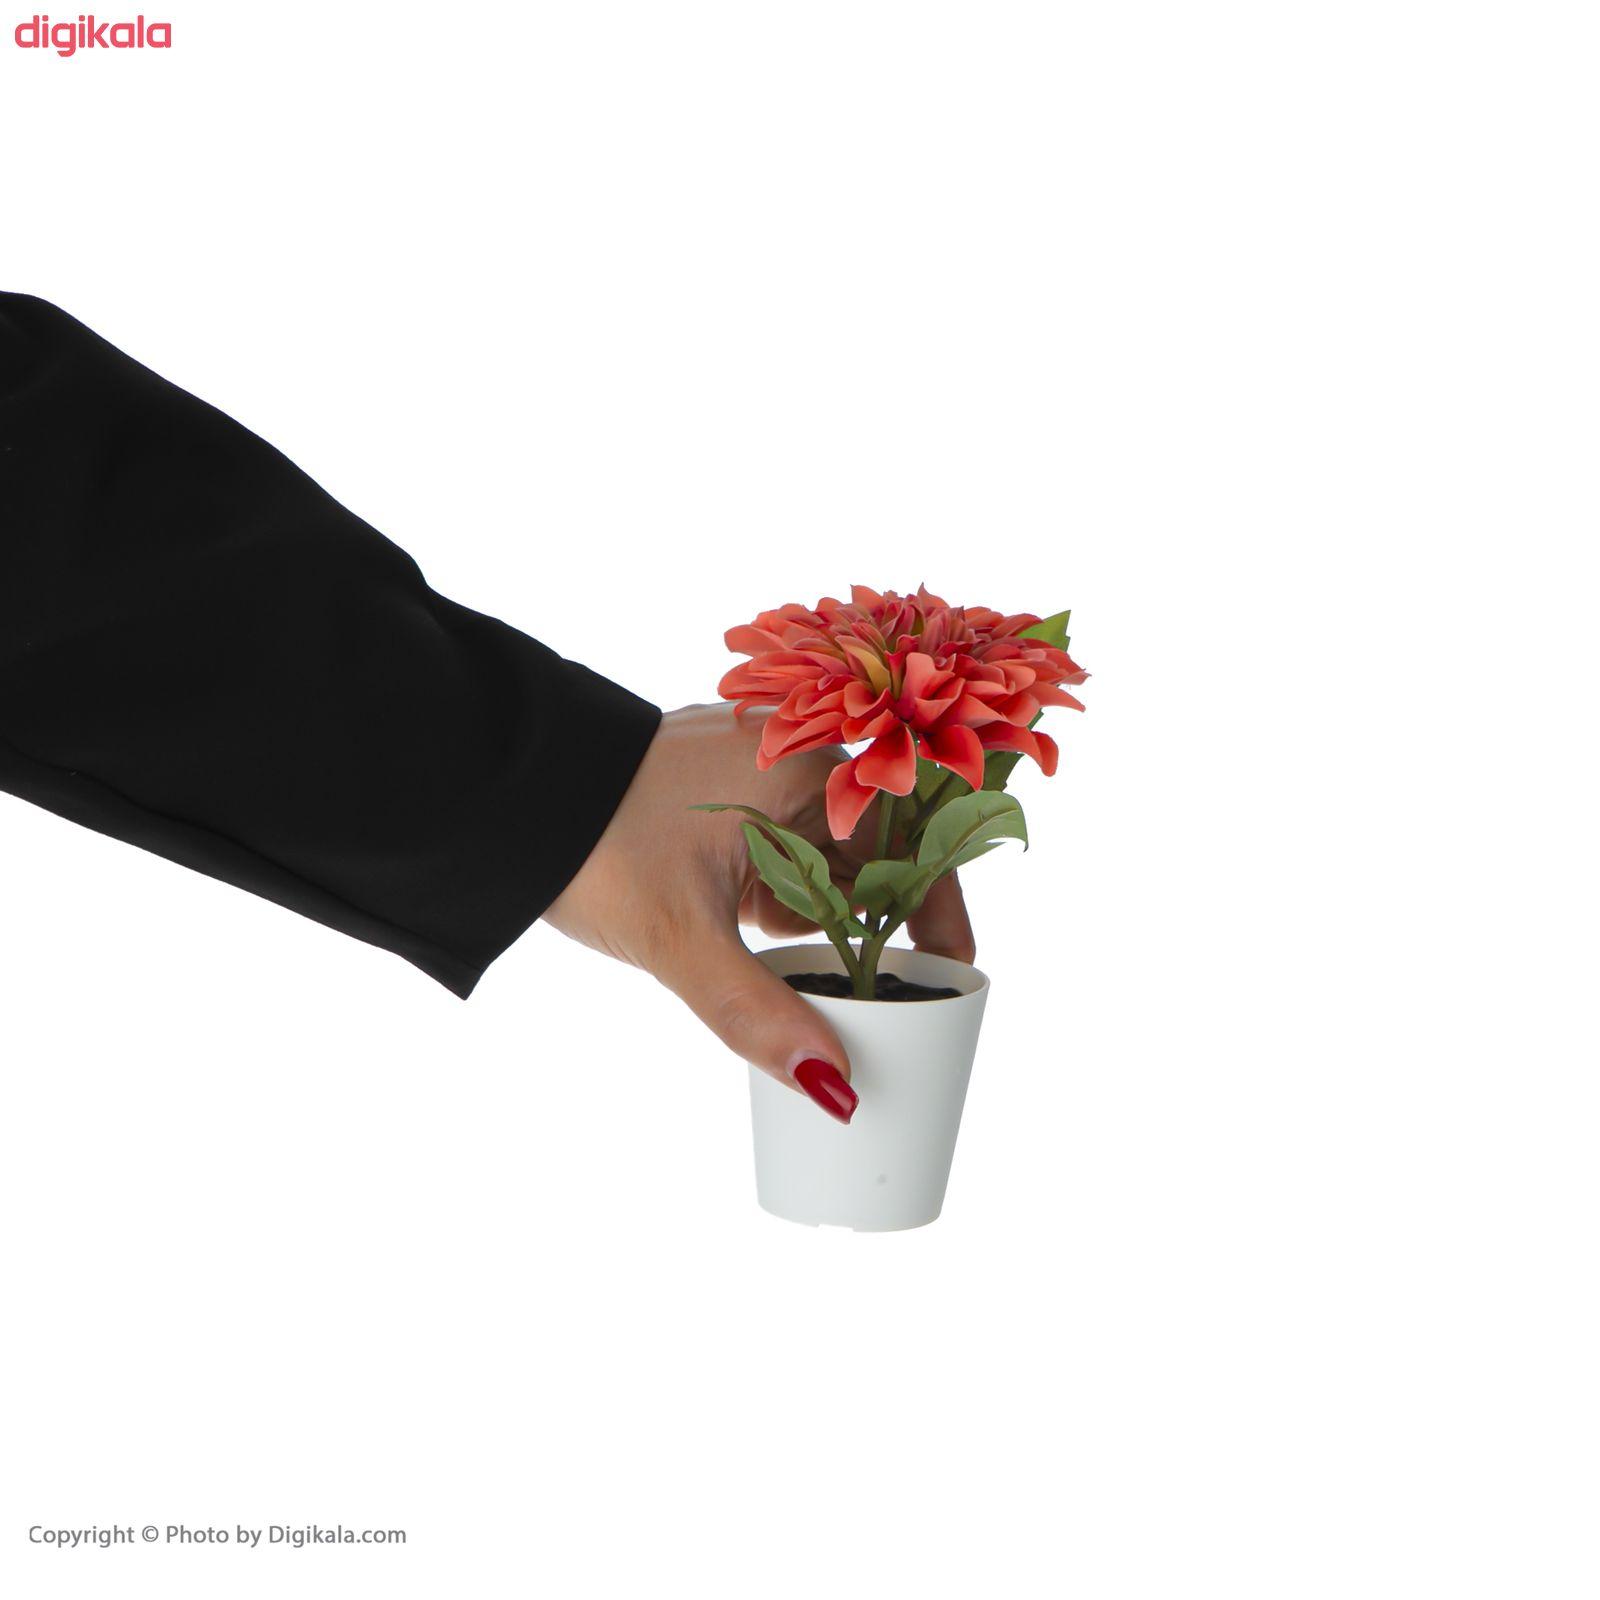 گلدان به همراه گل مصنوعی ایکیا مدل FEJKA مجموعه 3 عددی main 1 5